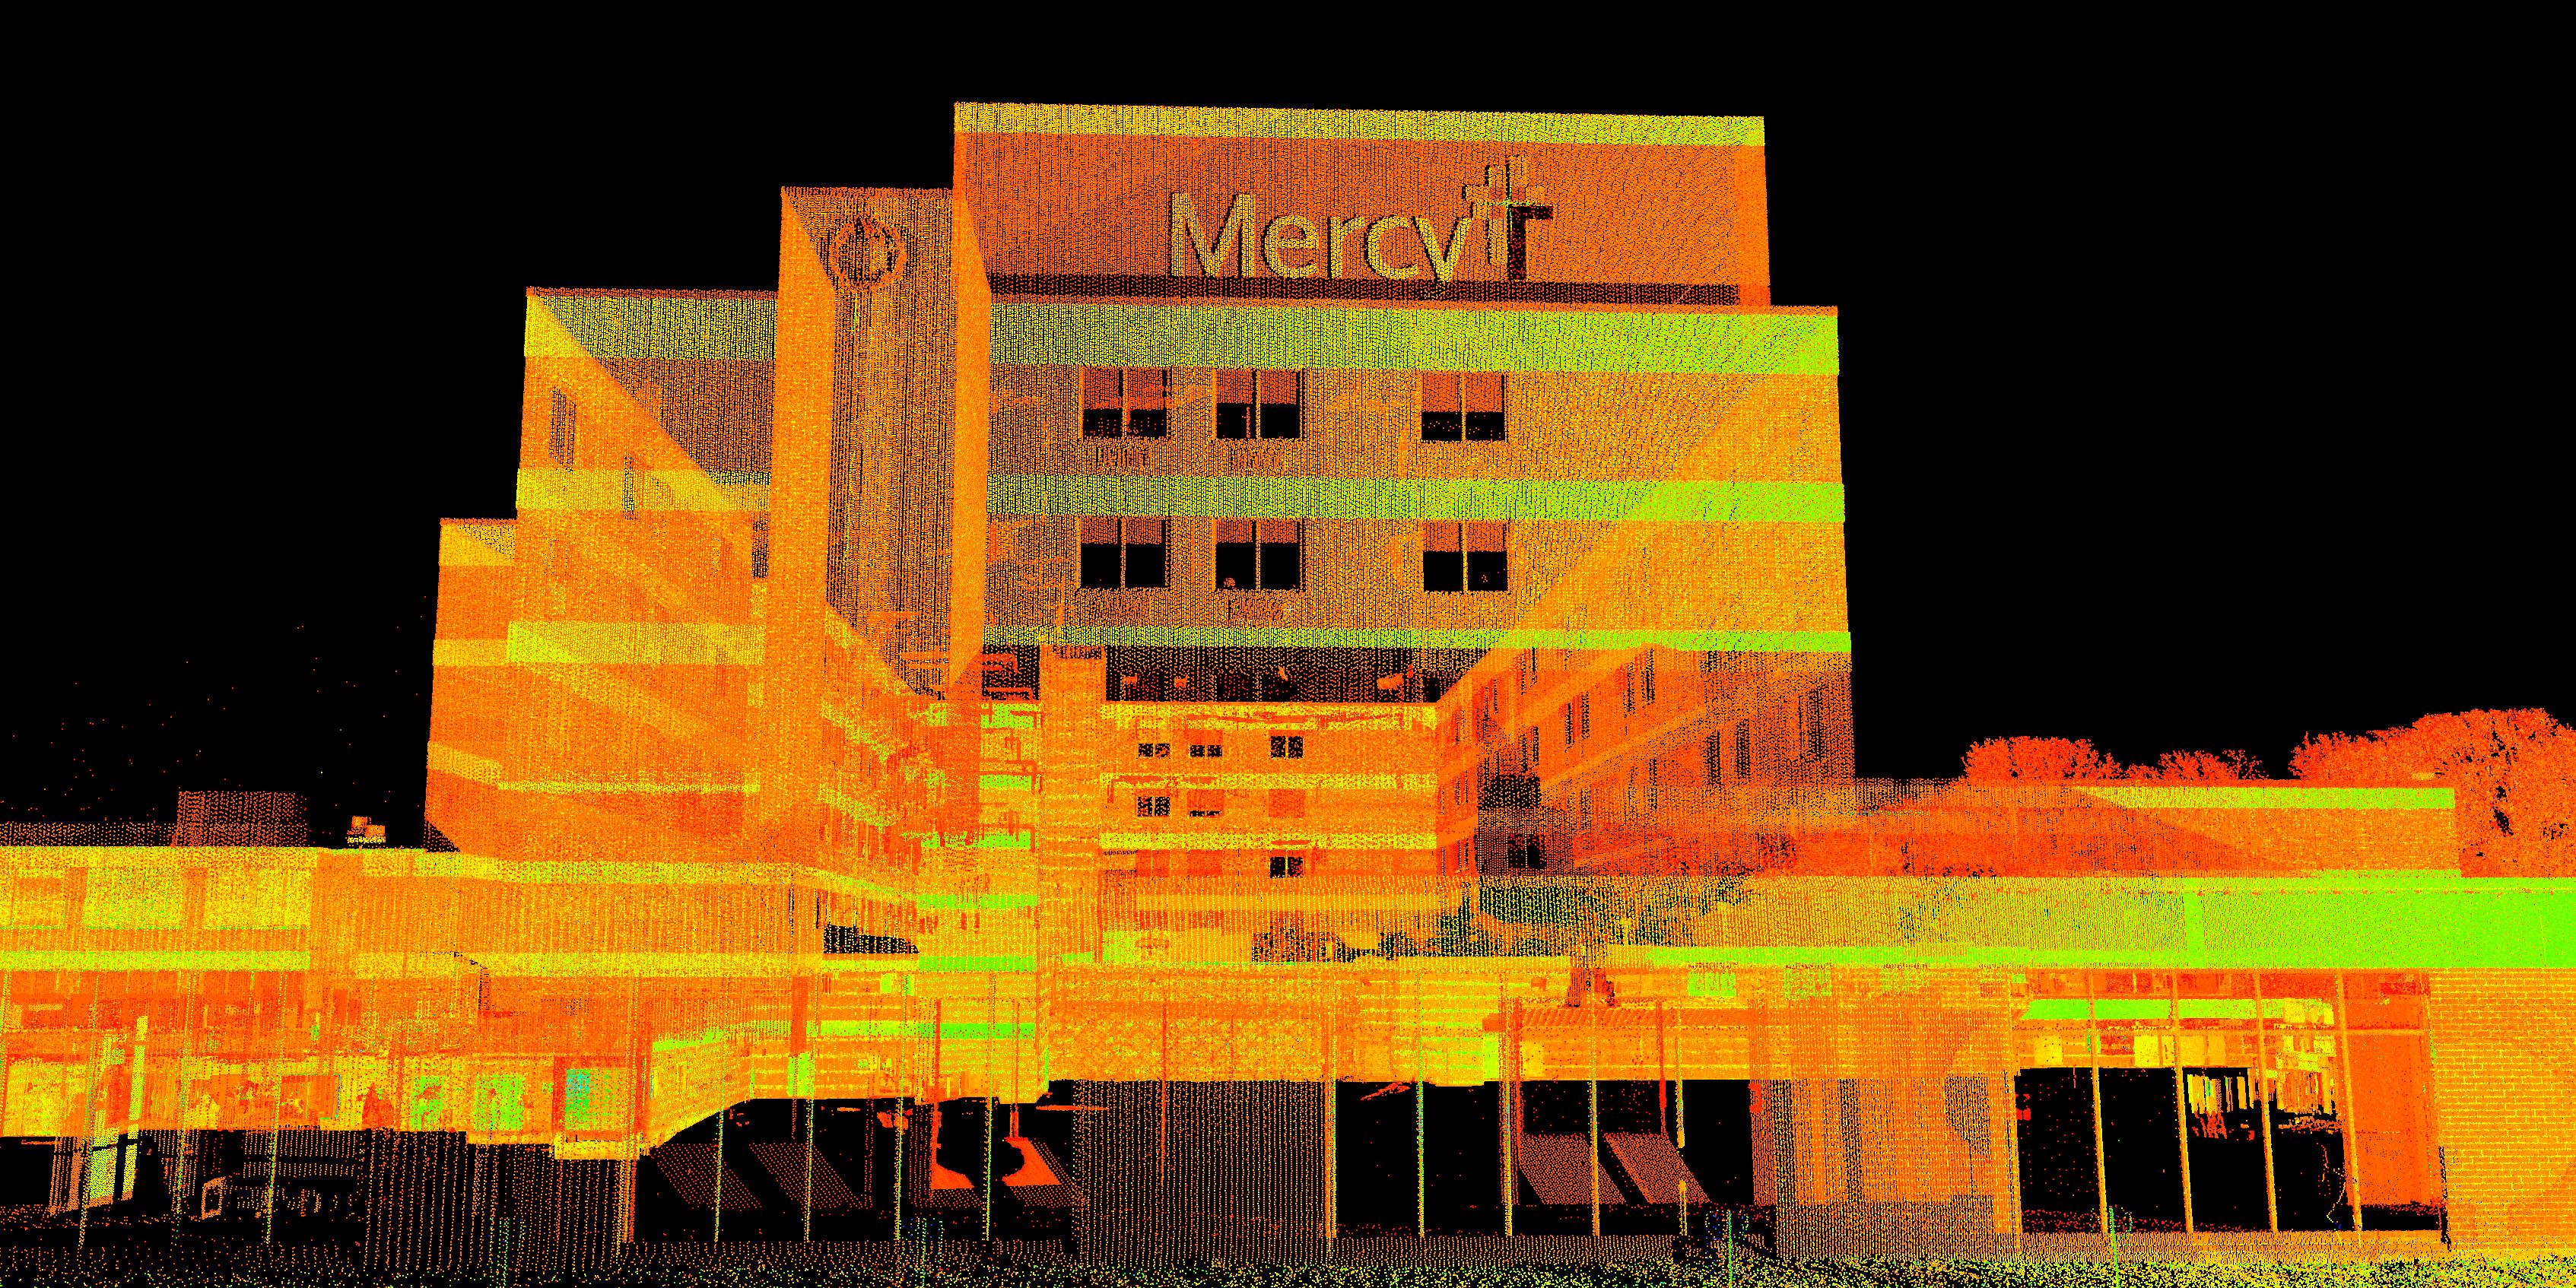 Hospital 3D Laser Scanning